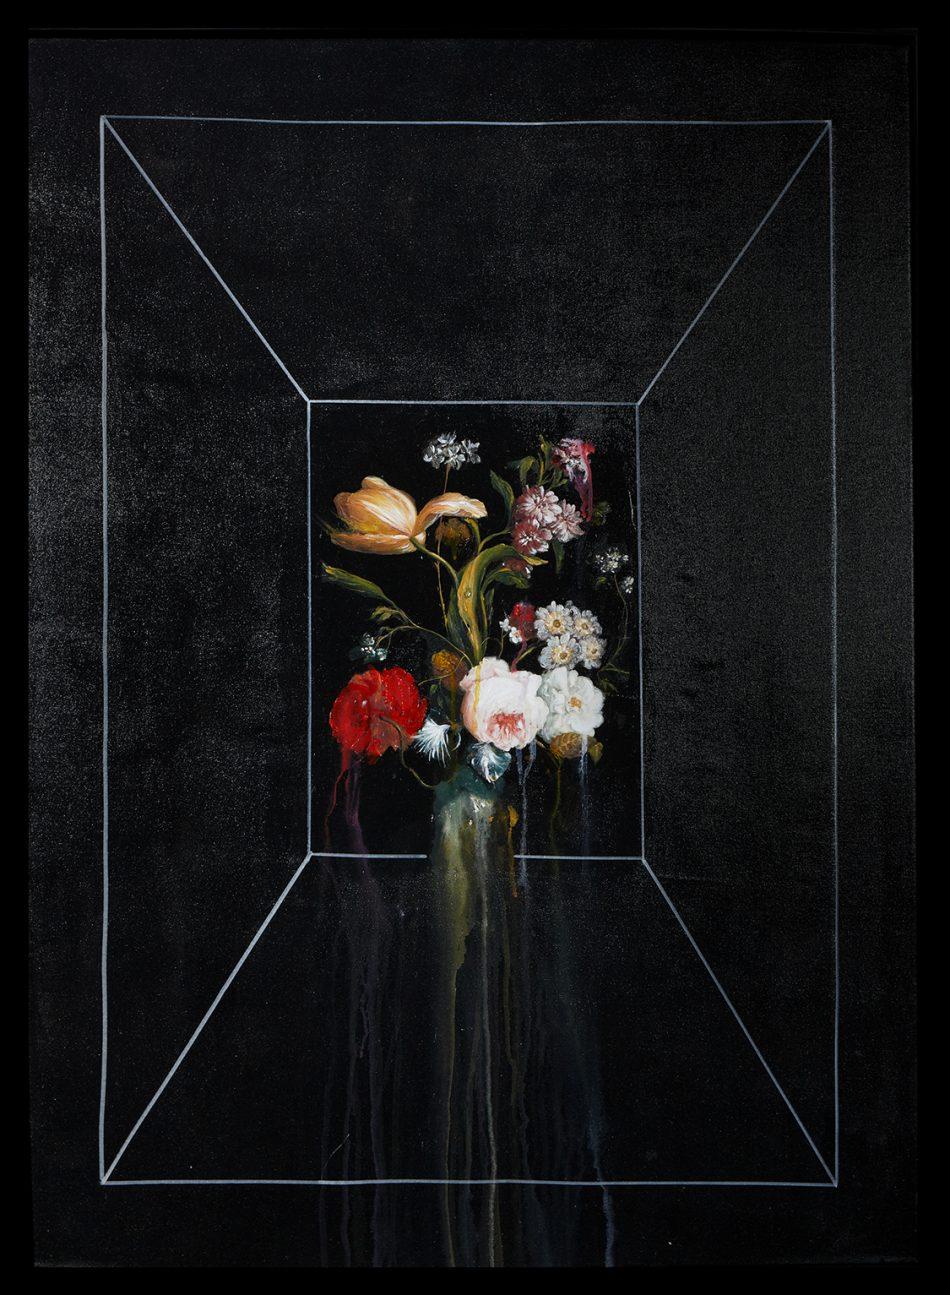 Ted Pim ted pim Ted Pim Flower Paintings tedpim 9